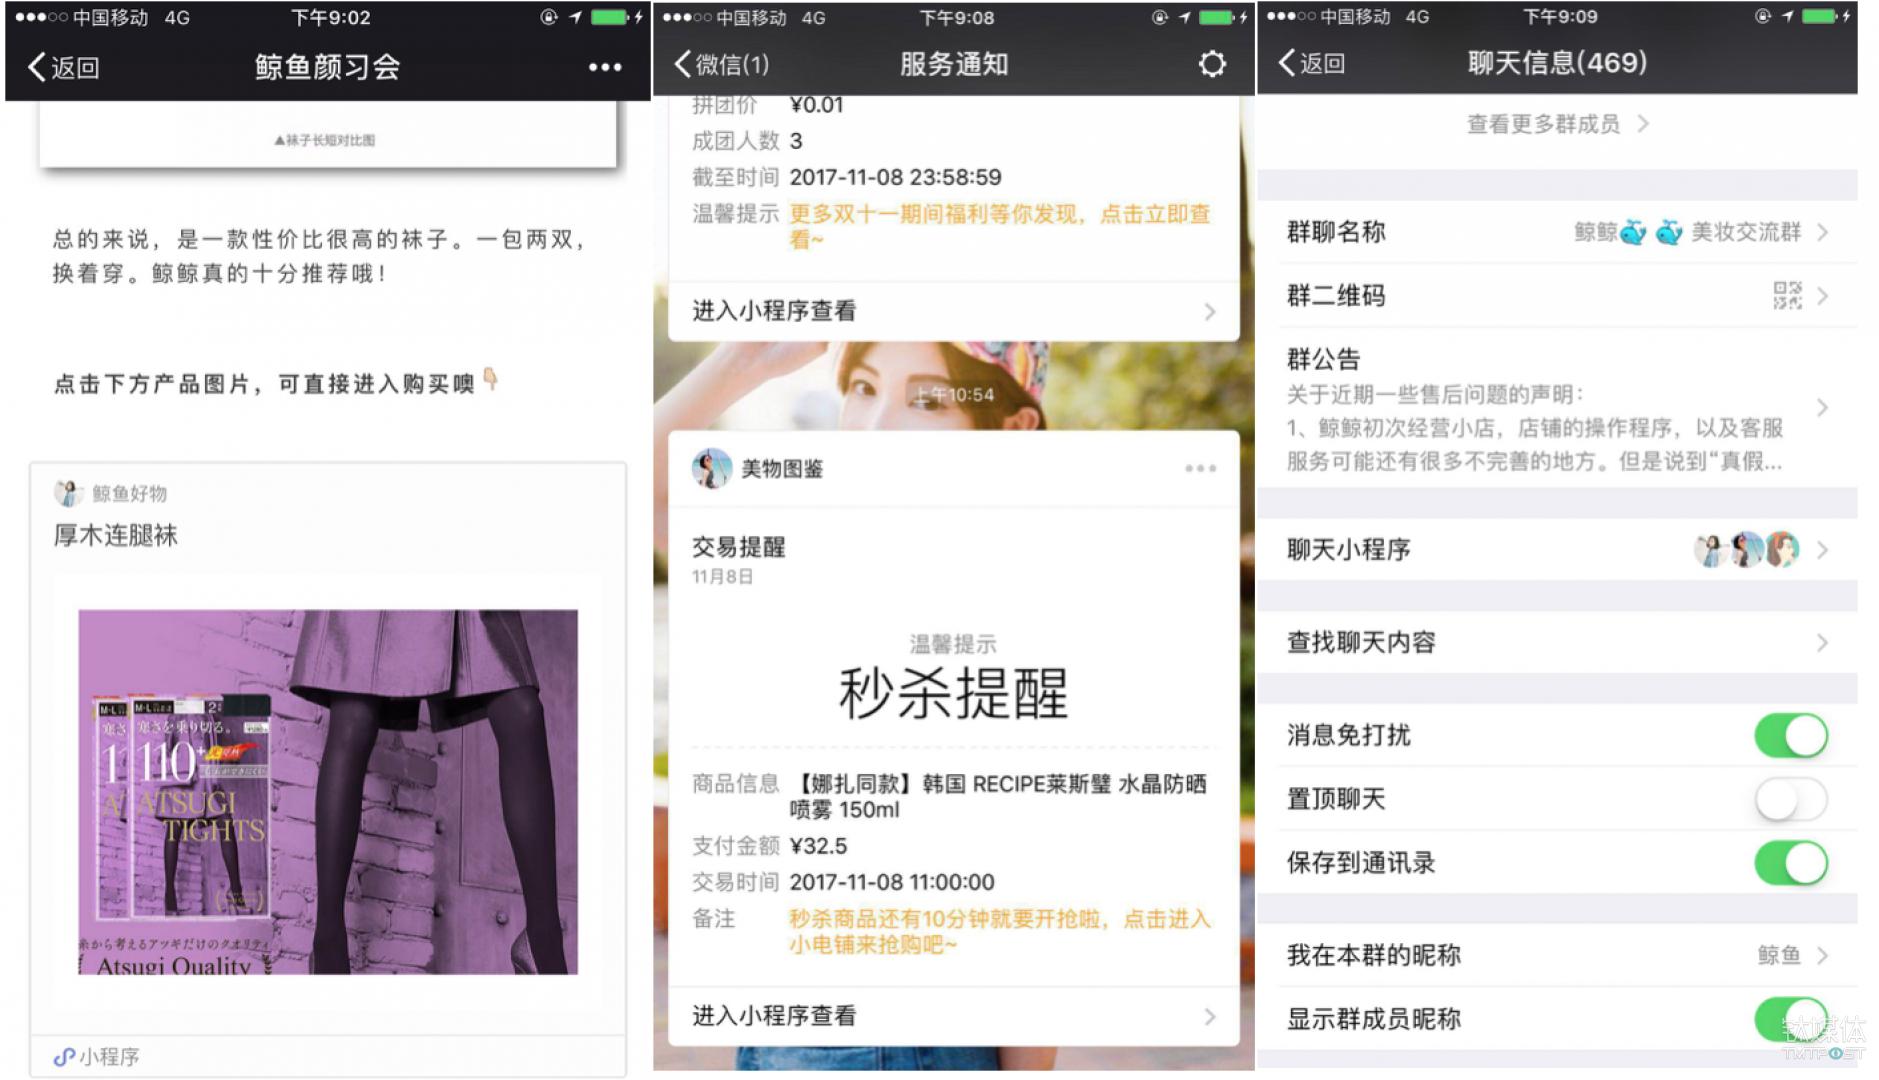 公众号、群聊、微信聊天页面……小程序已经在微信内部无处不在。